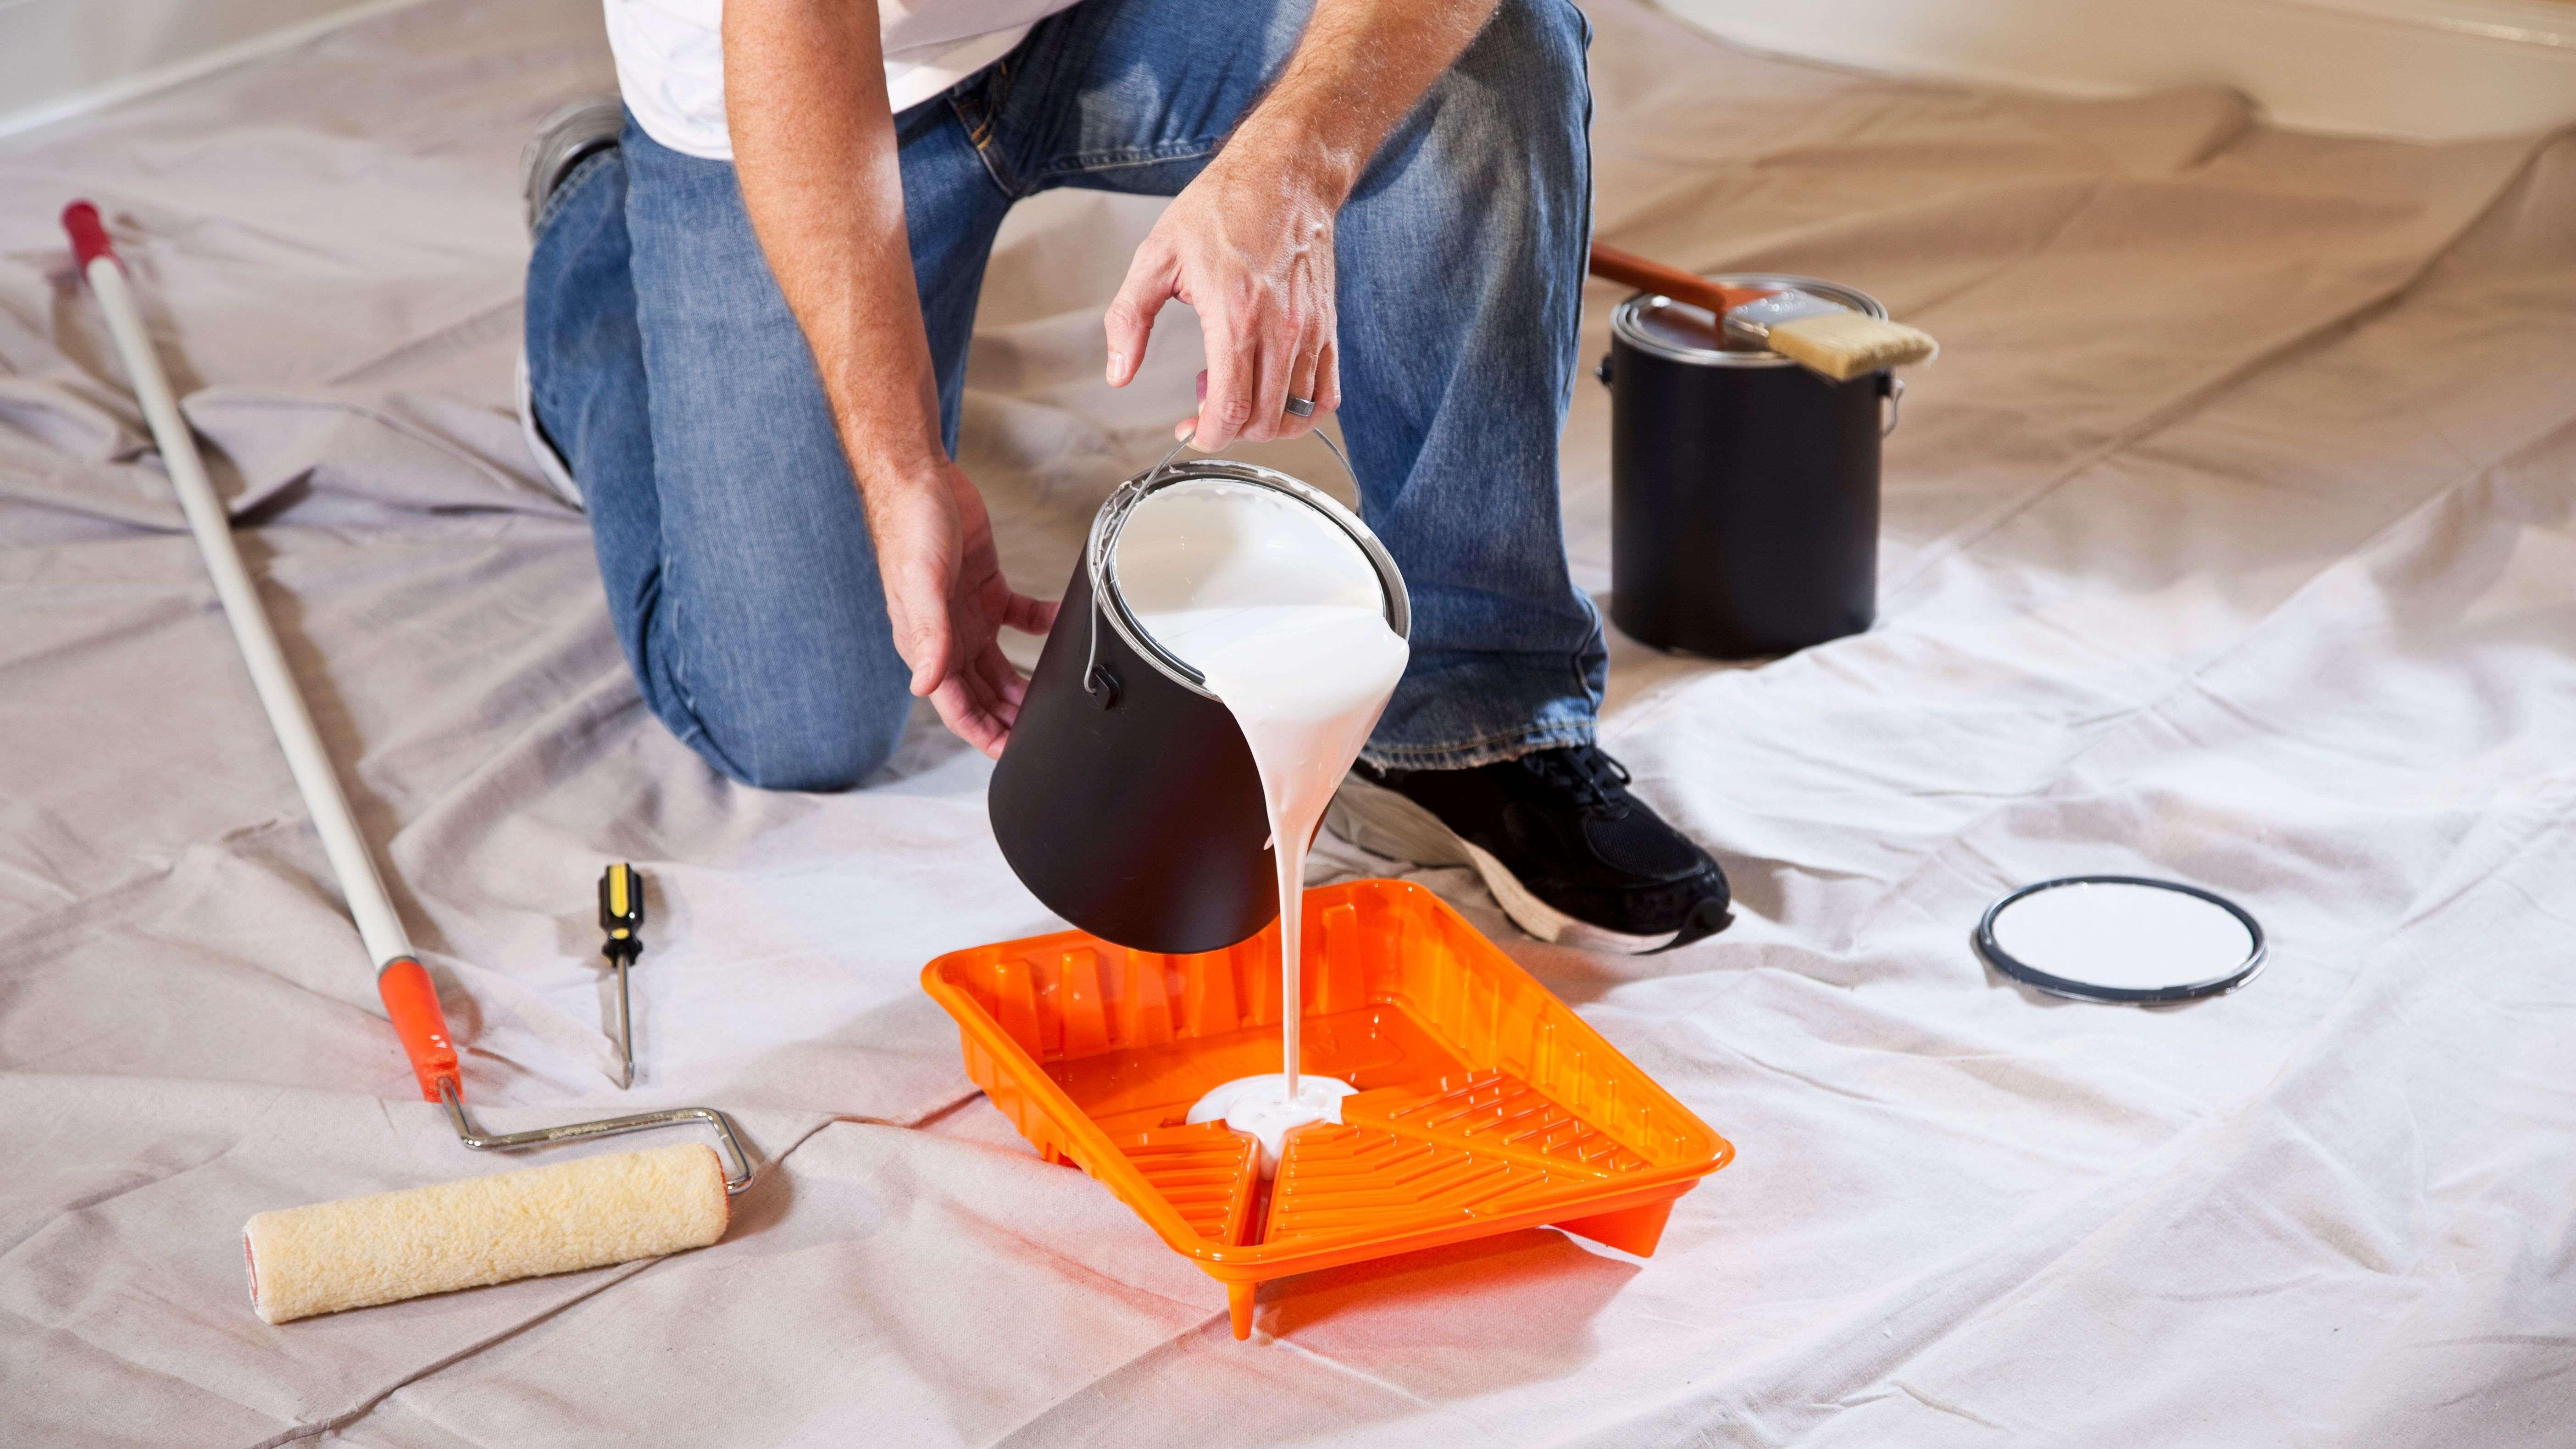 Come scegliere l'attrezzatura per dipingere